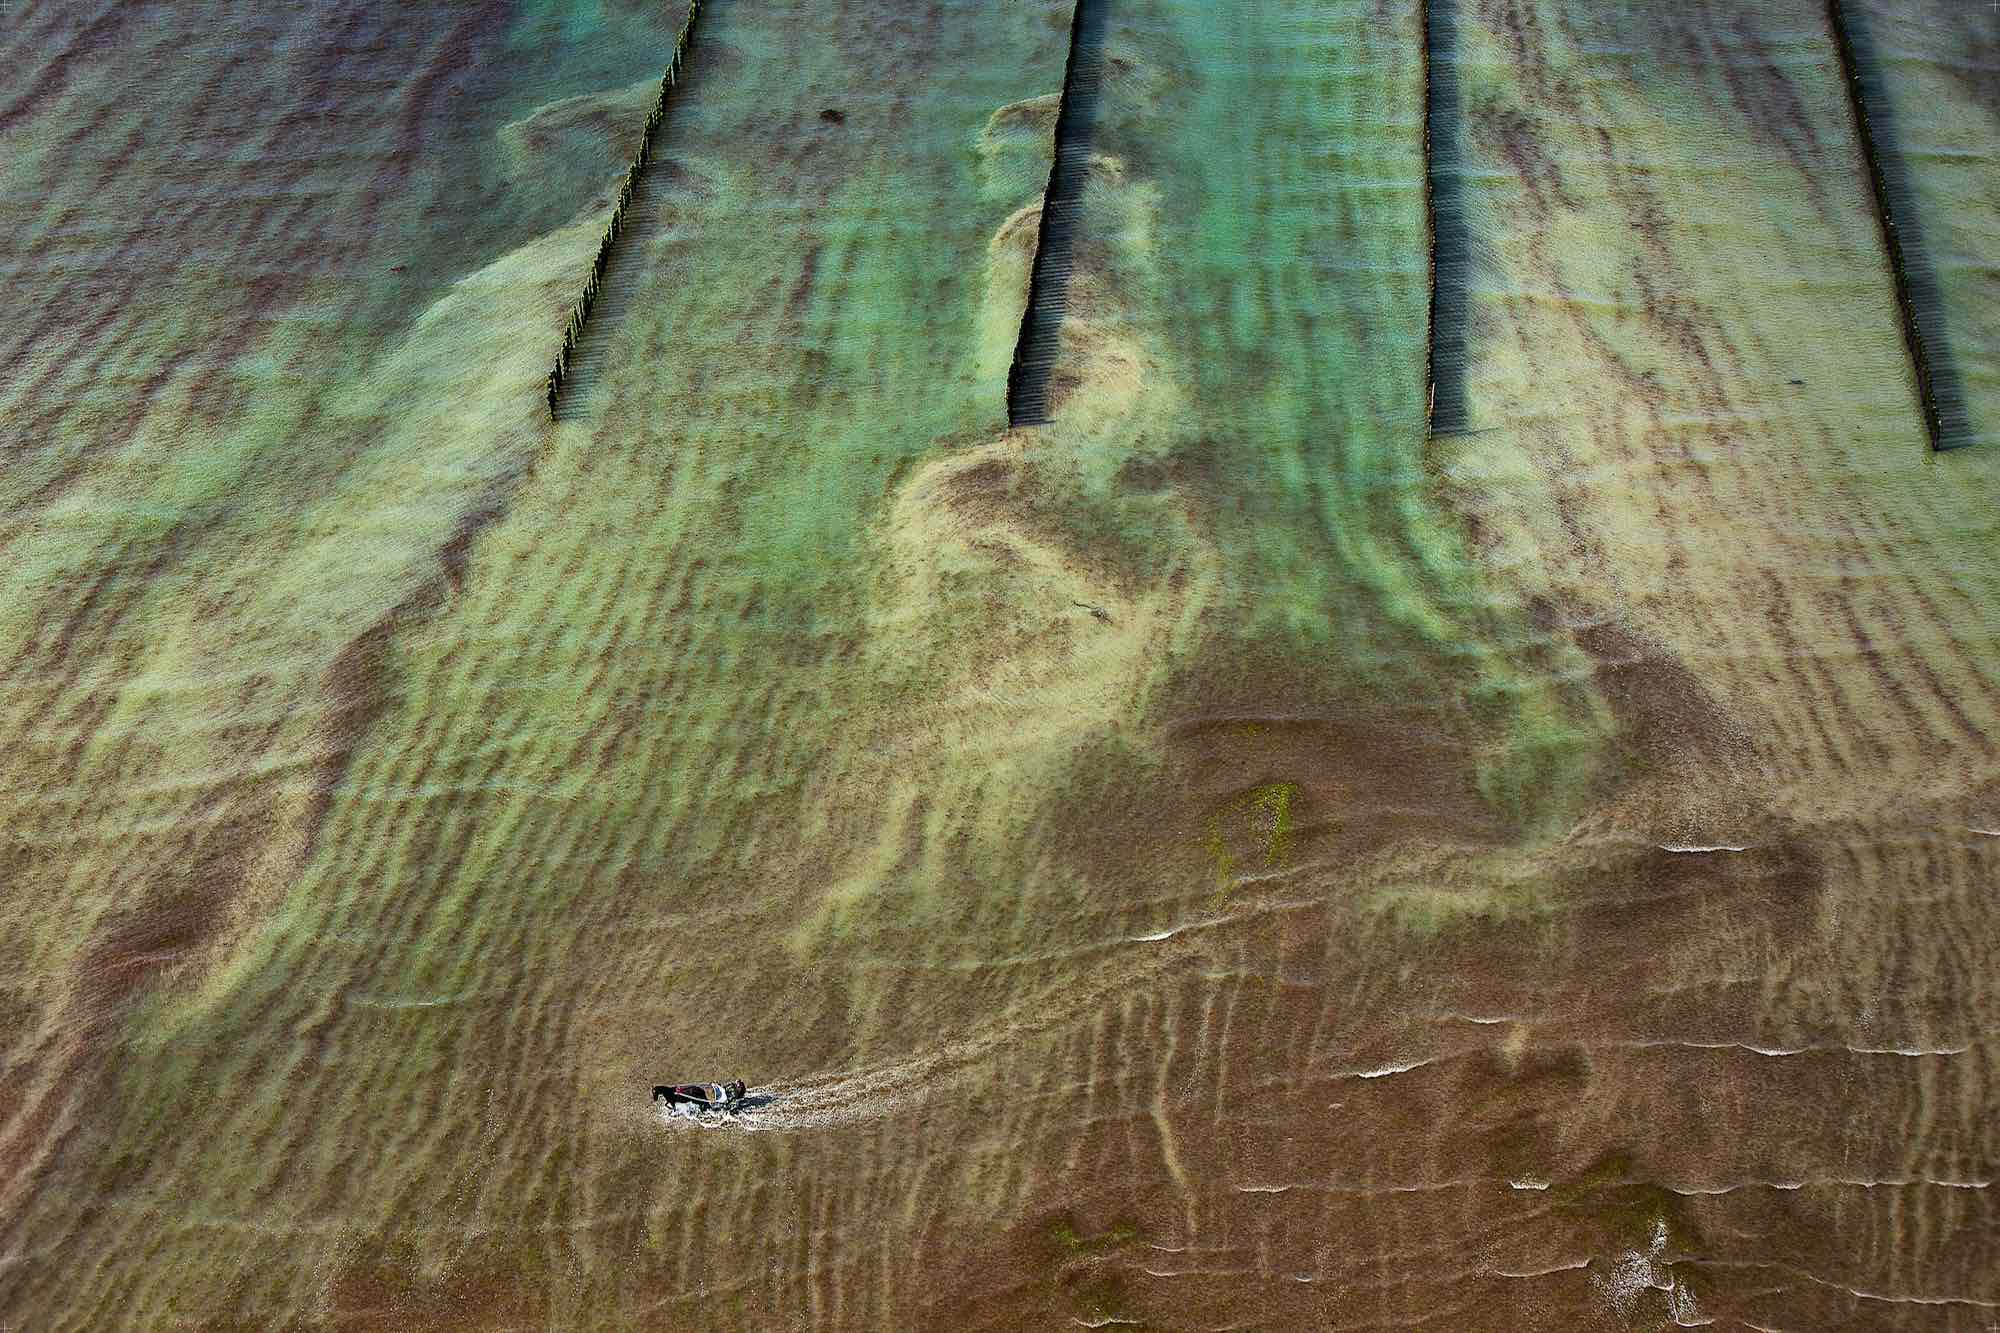 Algae and the man - Yann Arthus-Bertrand